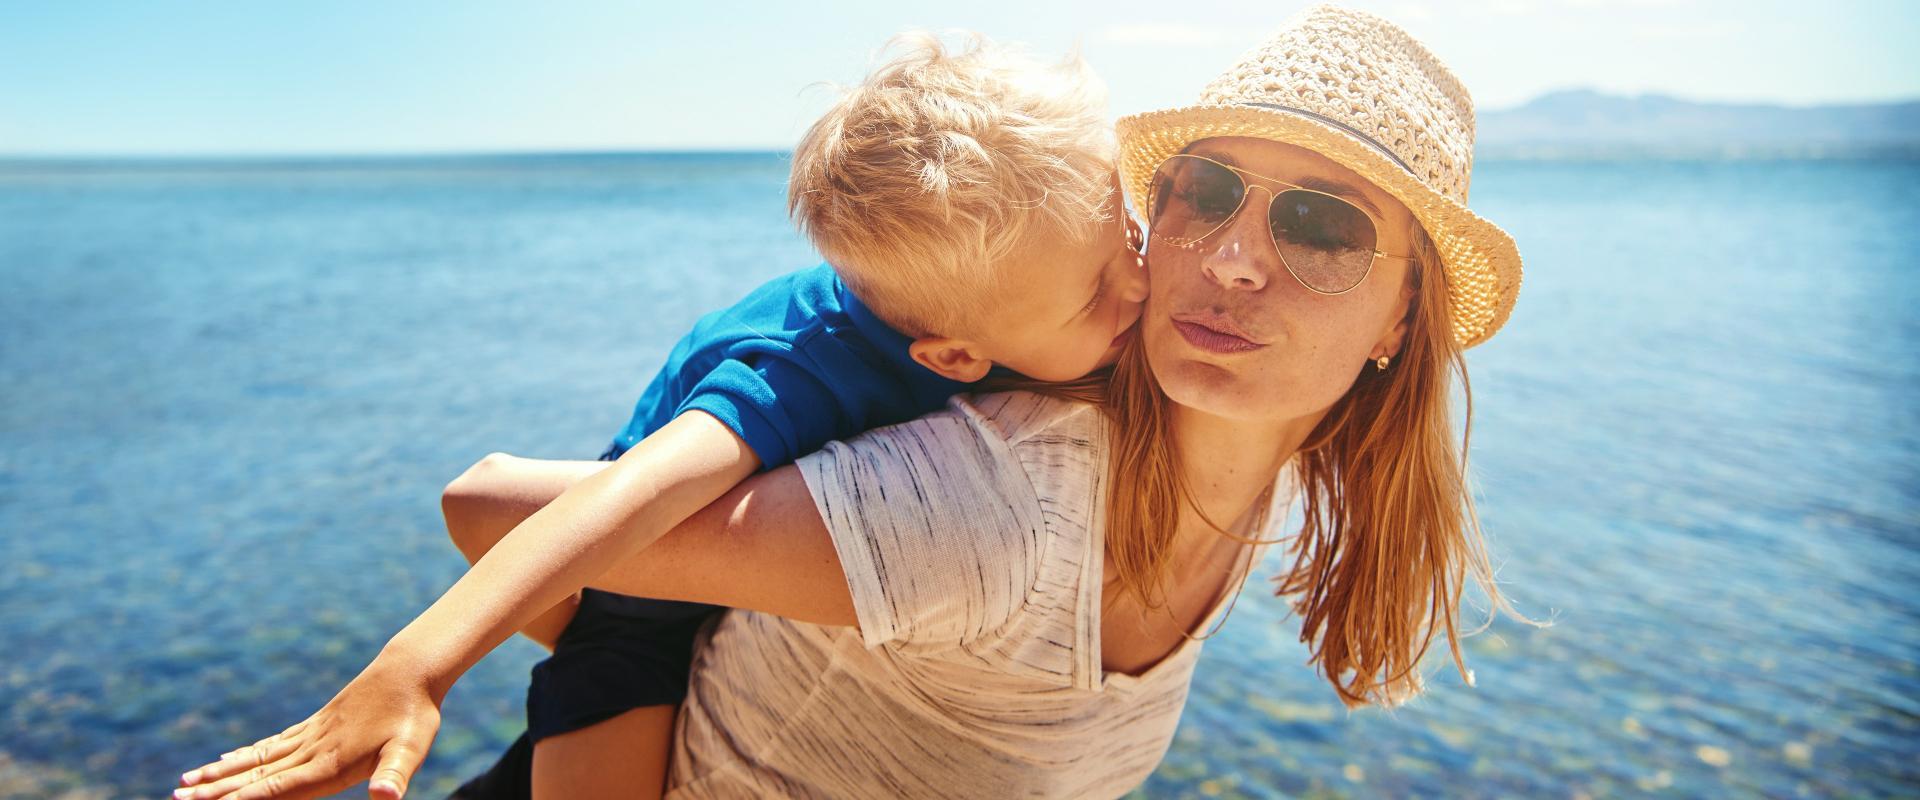 Retrouvez une sélection d'idées cadeaux originale, bon marché et de qualité qui fera plaisir à toutes les mamans !